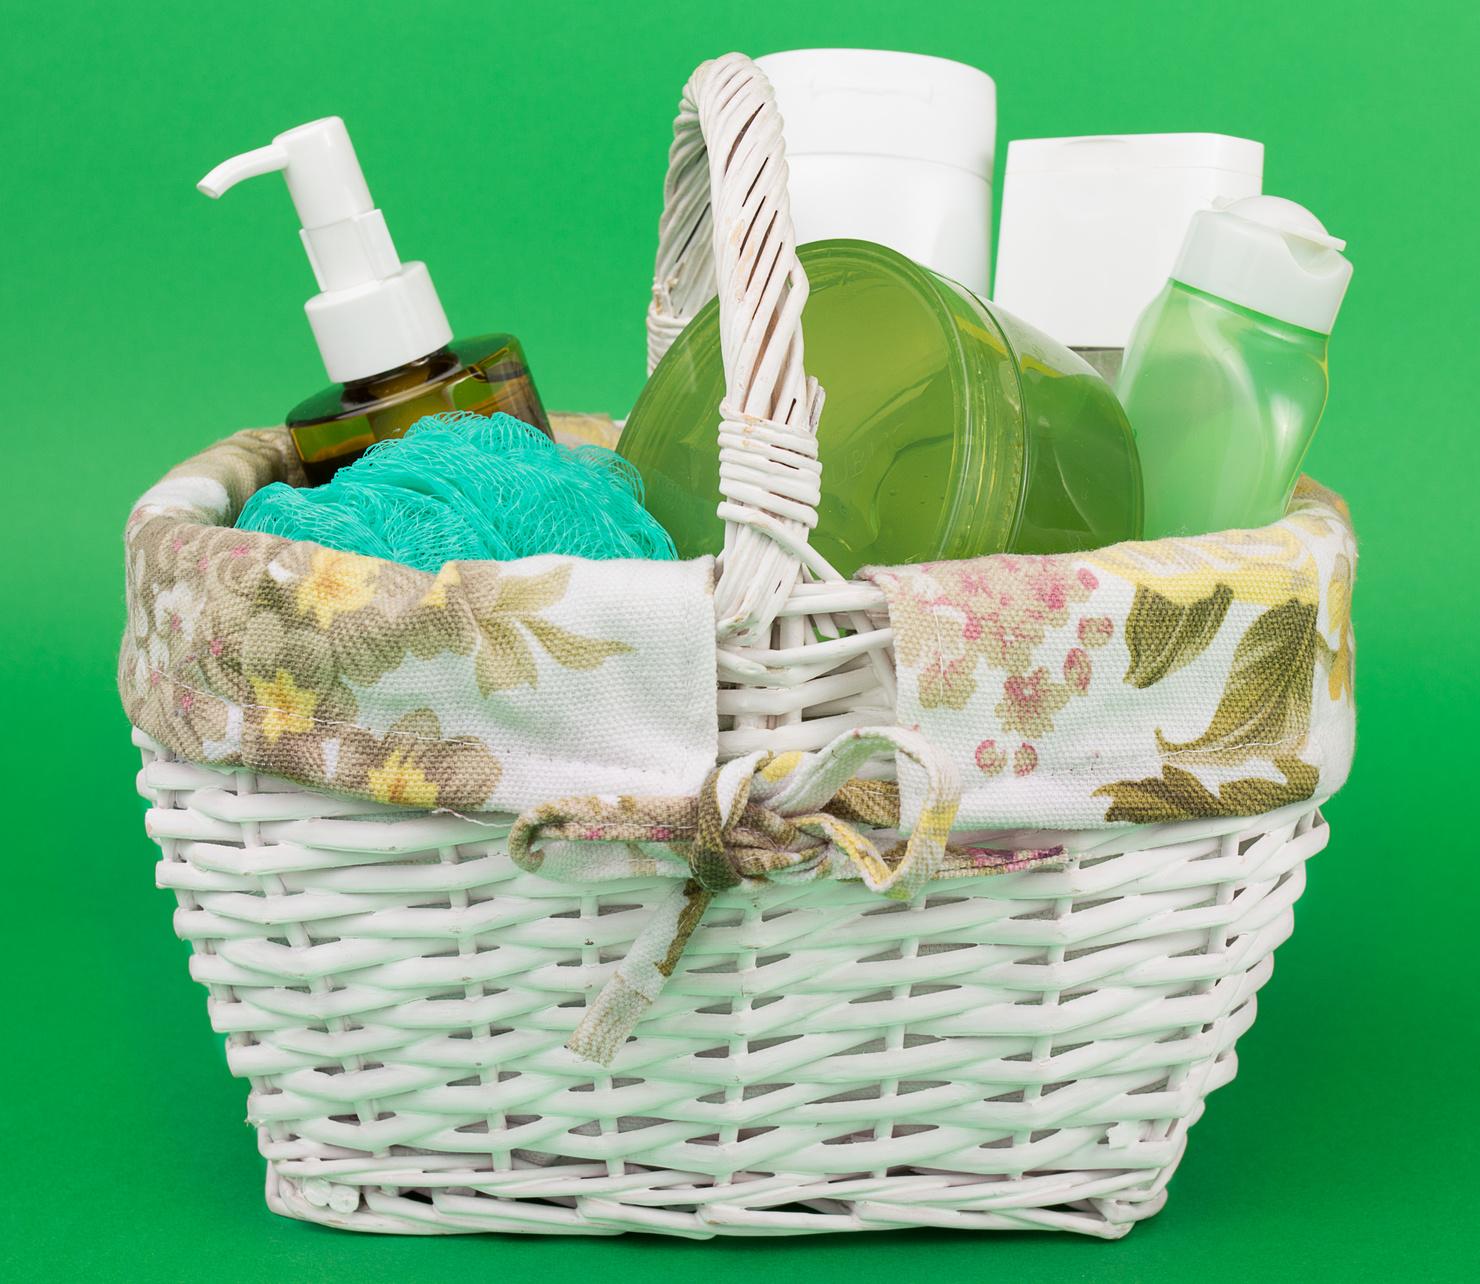 Schauen Sie atemberaubend, mit den besten Haut und Beauty-Produkte!